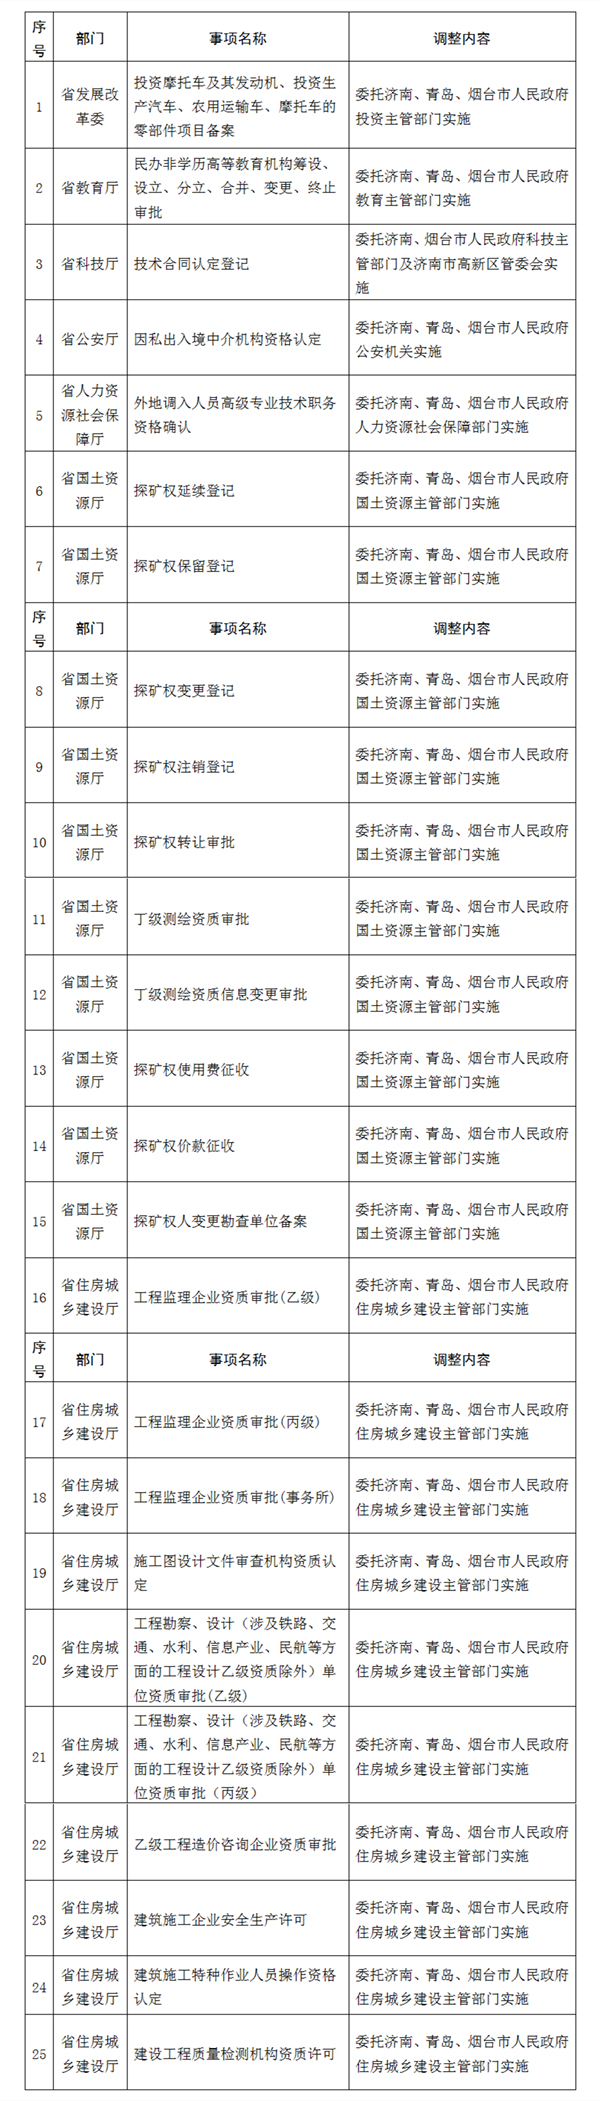 山东拟调整73项省级行政权力事项 由济青烟实施